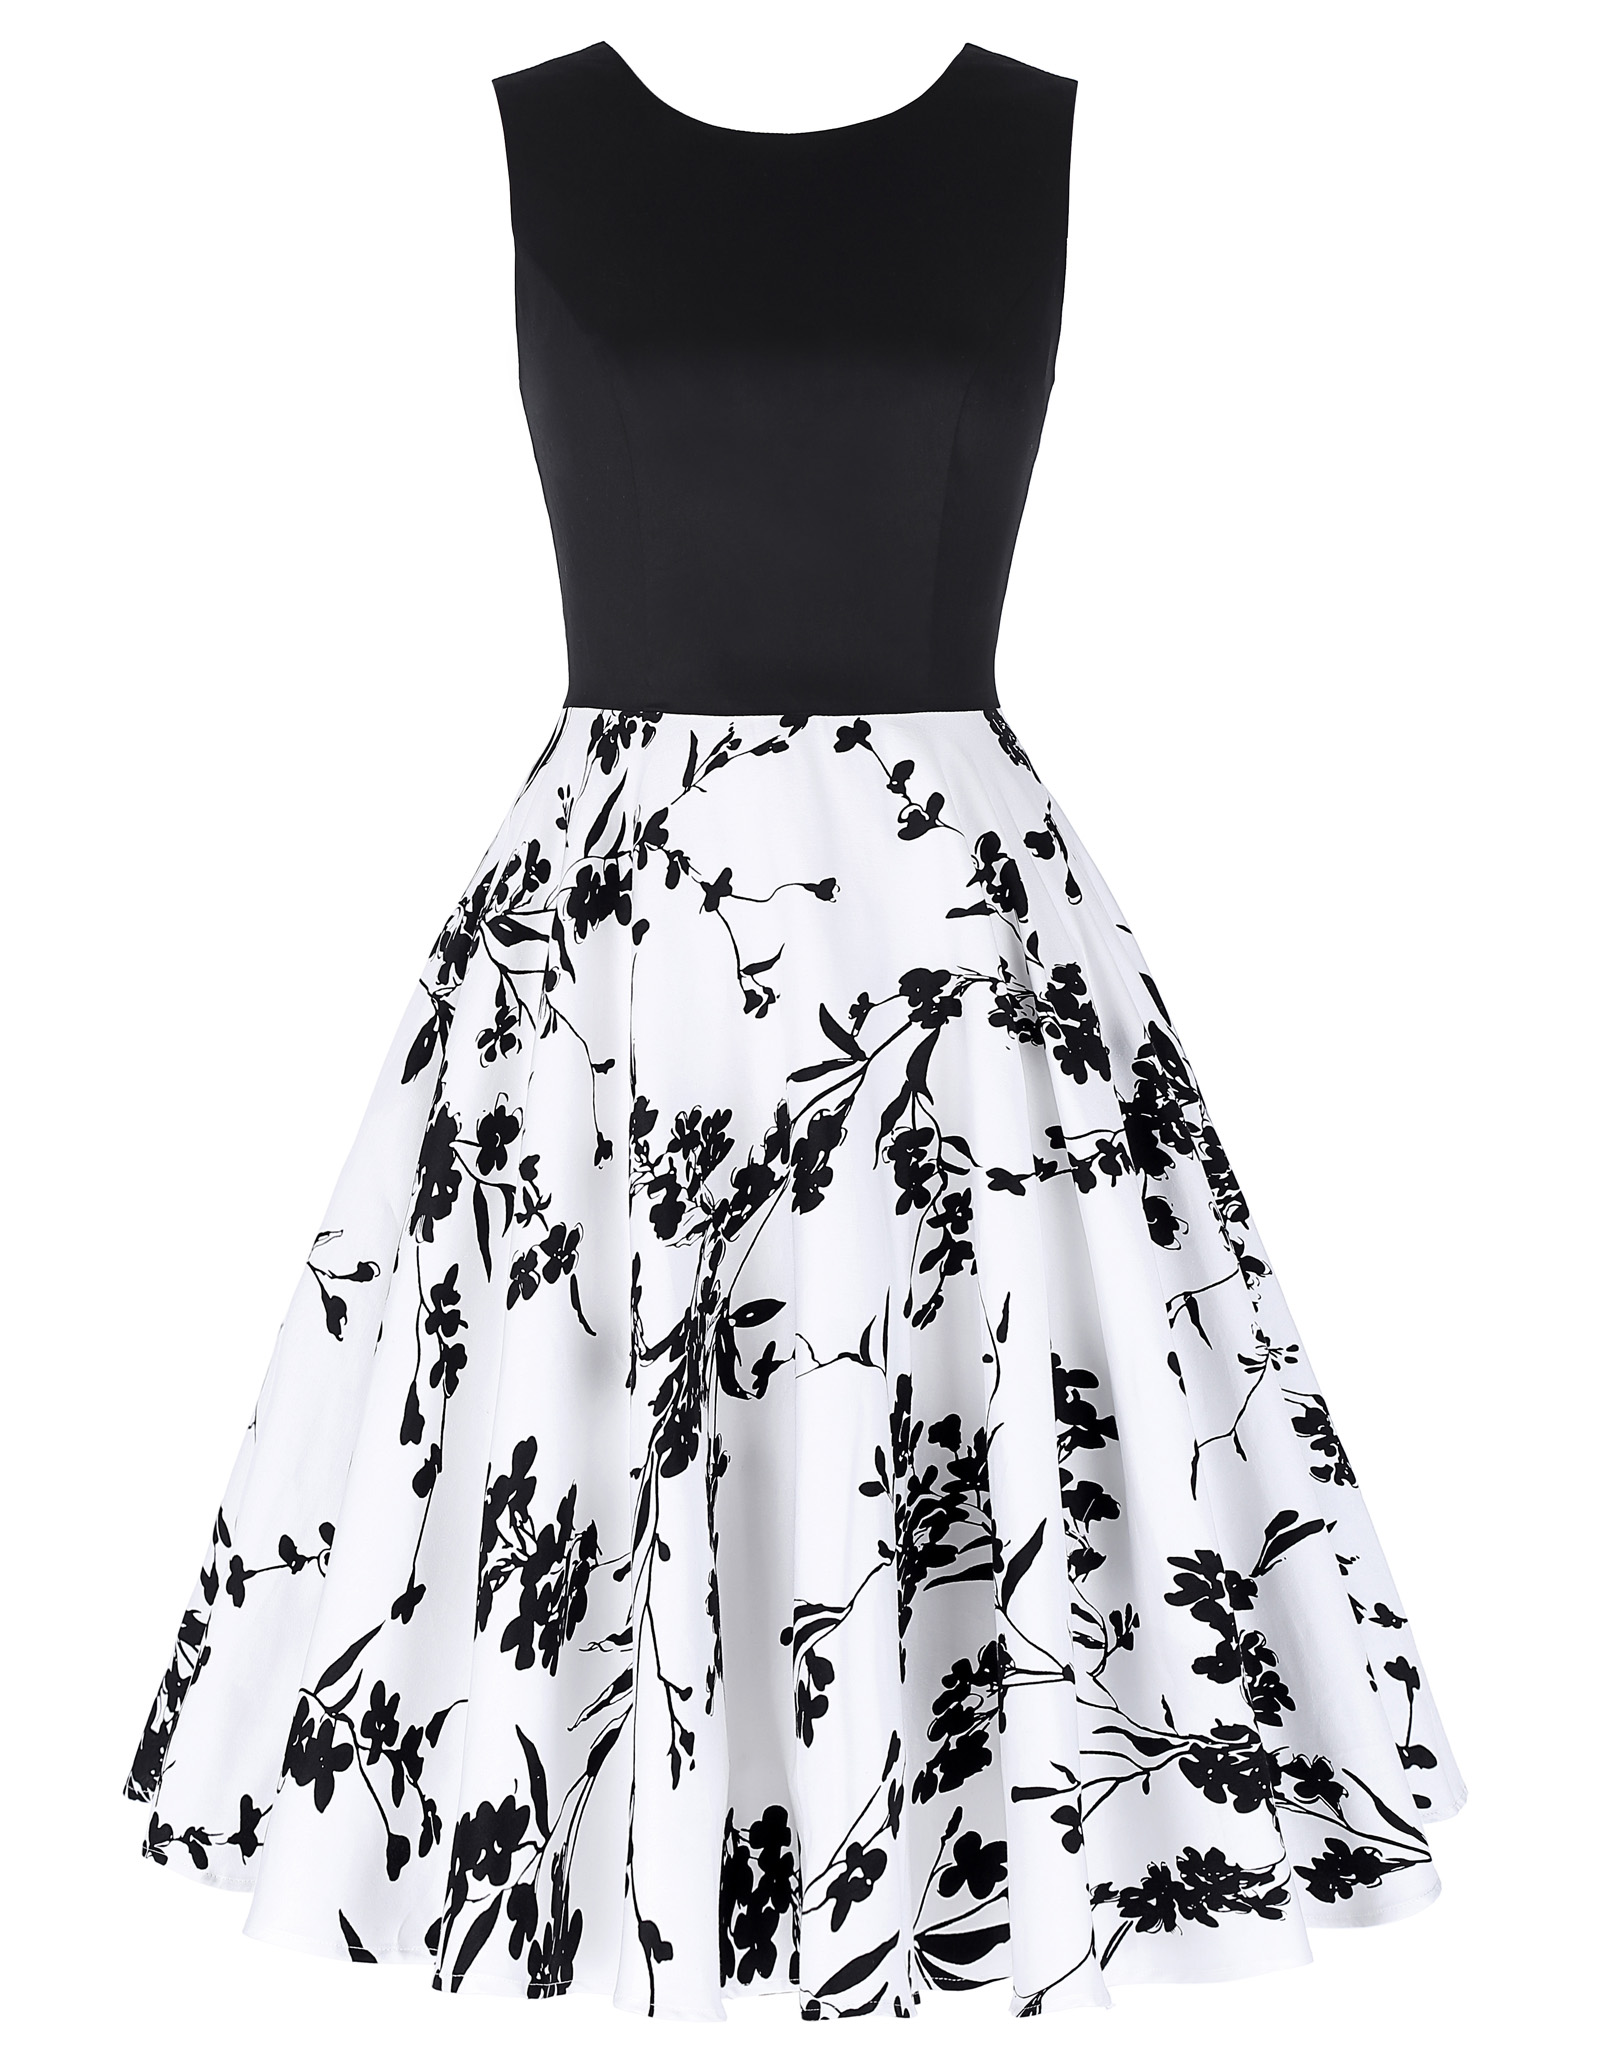 Summer Retro 50s Vintage Floral Printed Swing Dress 1950s Dance Evening Formal V-Neck Tank Knee-Length Dresses